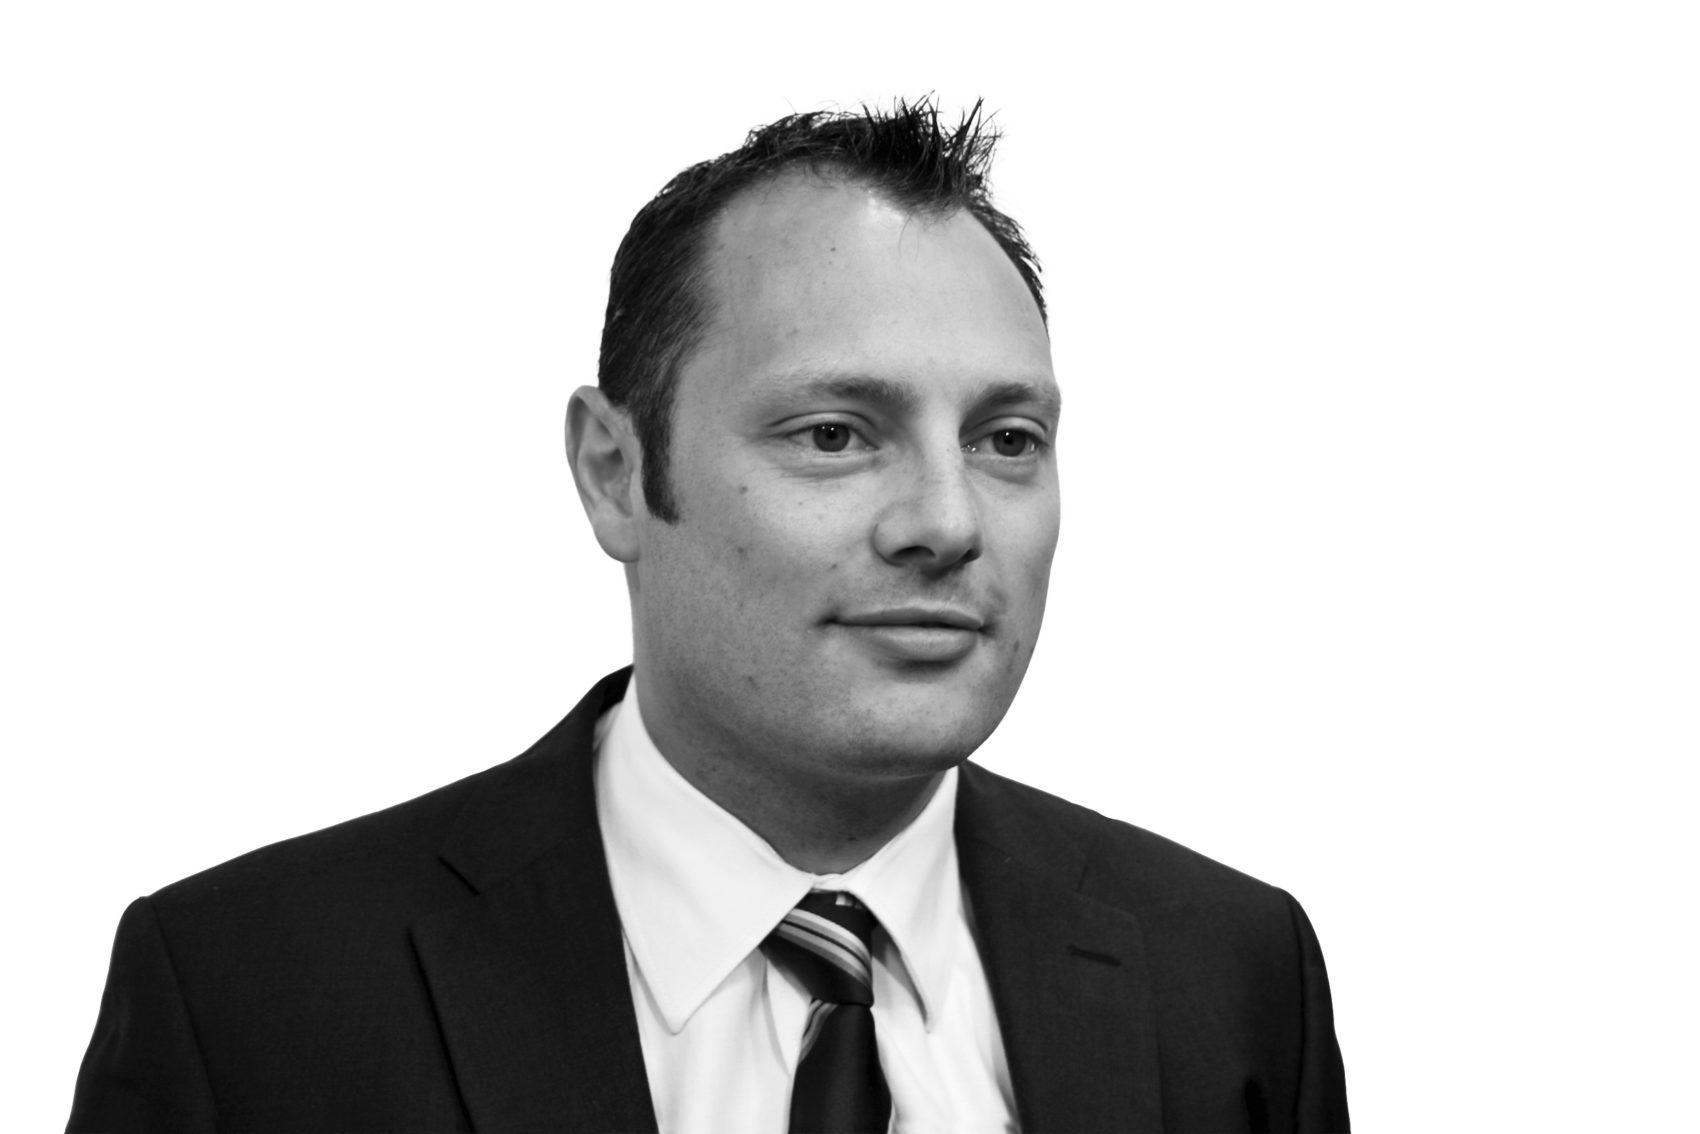 Ben Morris, Aberdeen Standard Investments